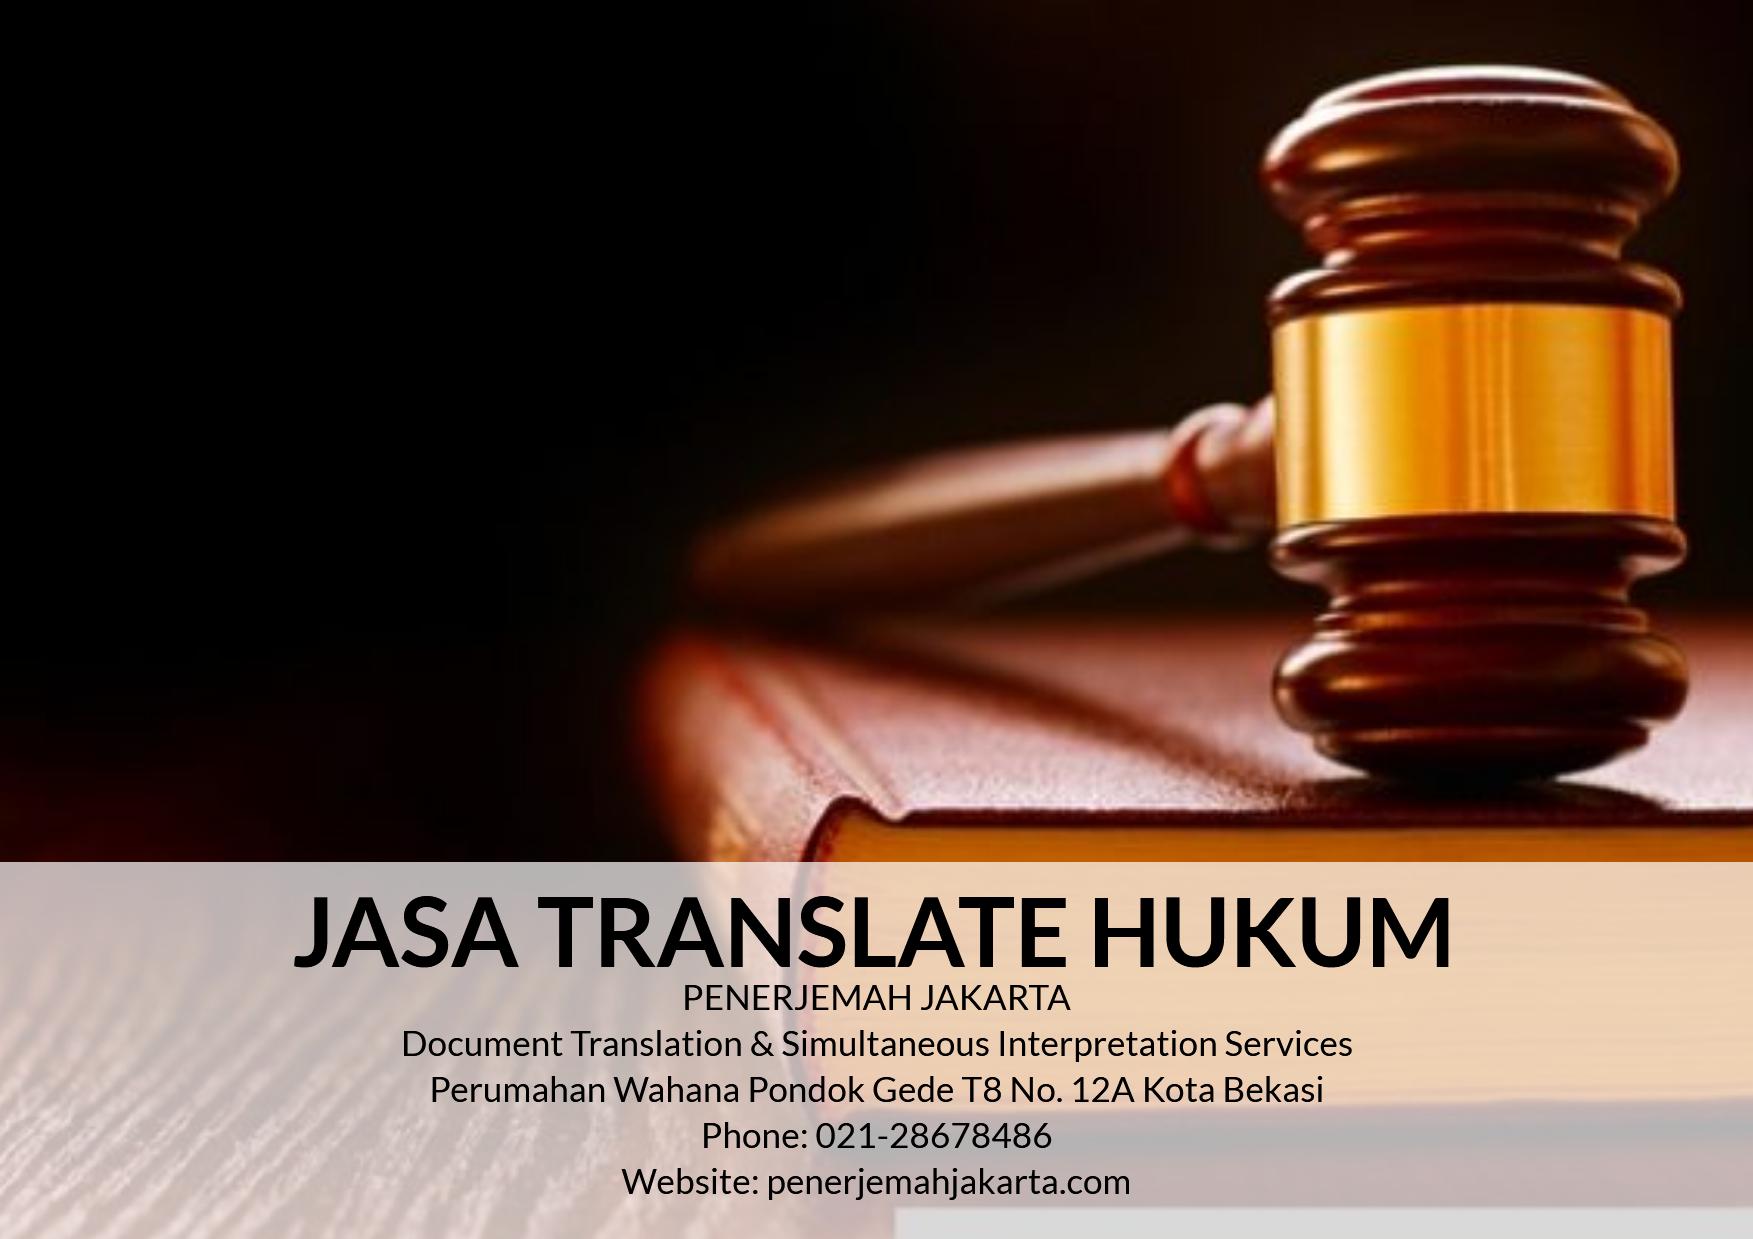 Jasa Translate Hukum